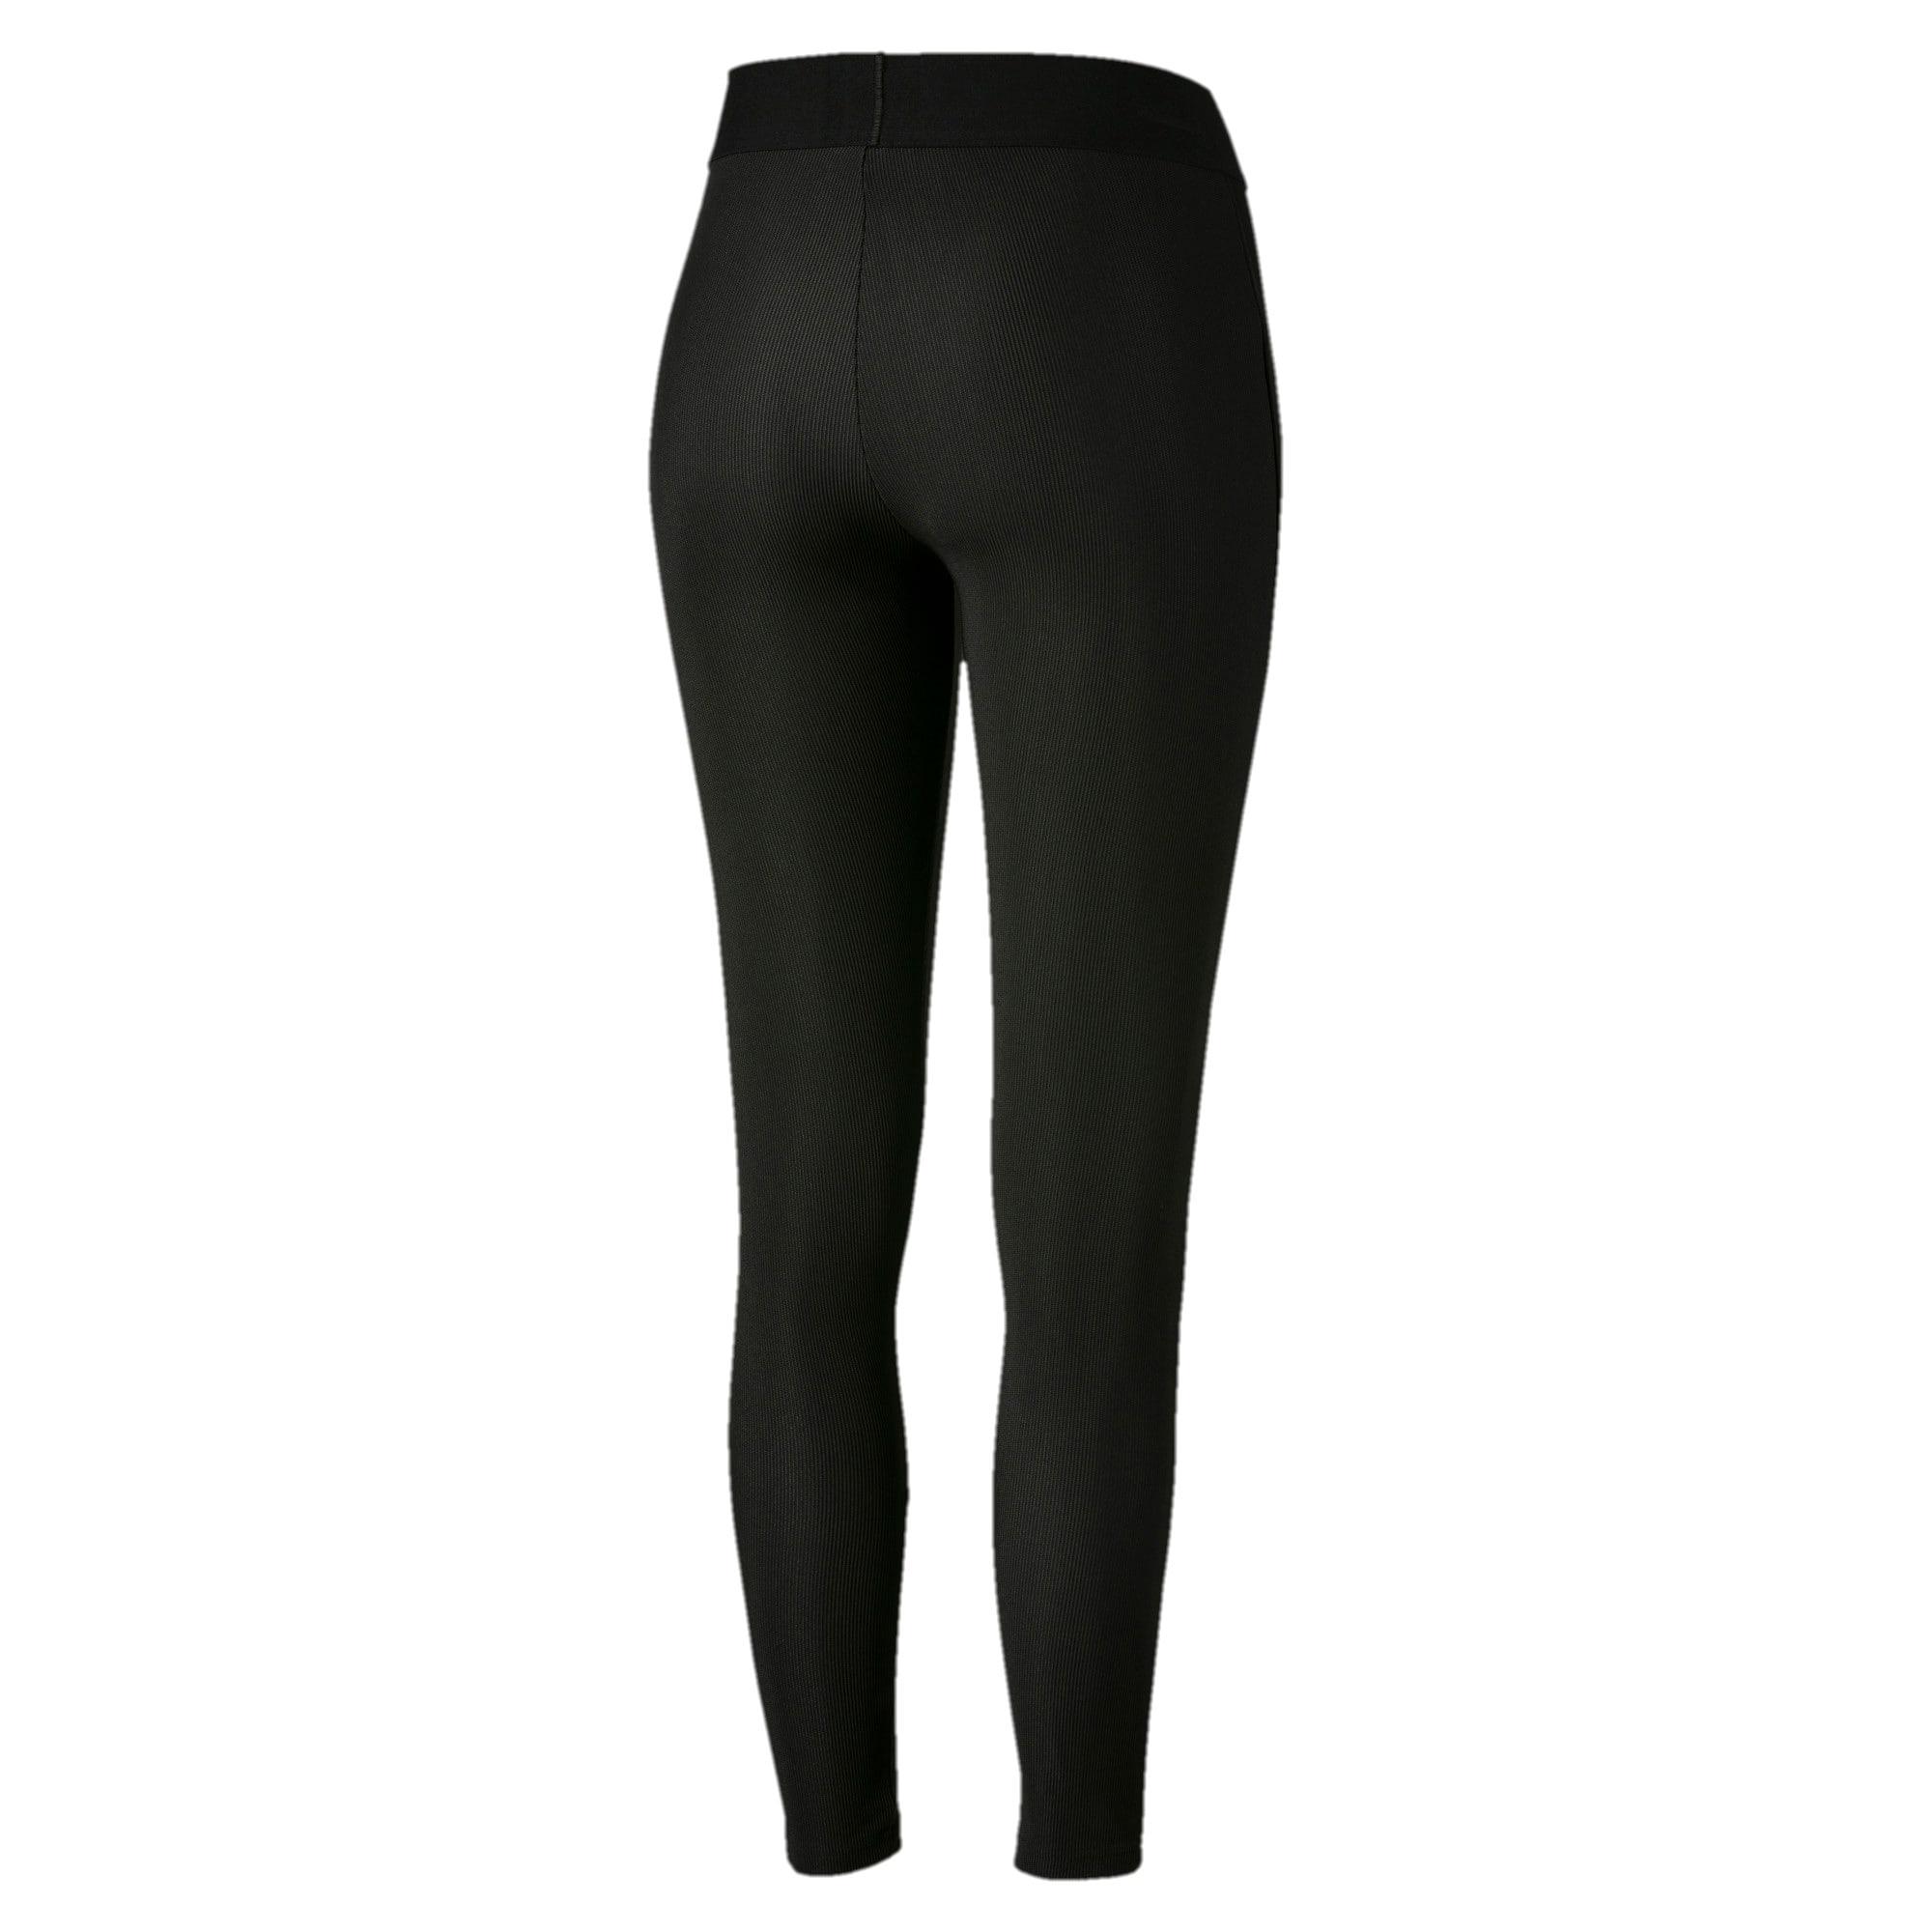 Thumbnail 5 of Classics Rib Women's Leggings, Puma Black, medium